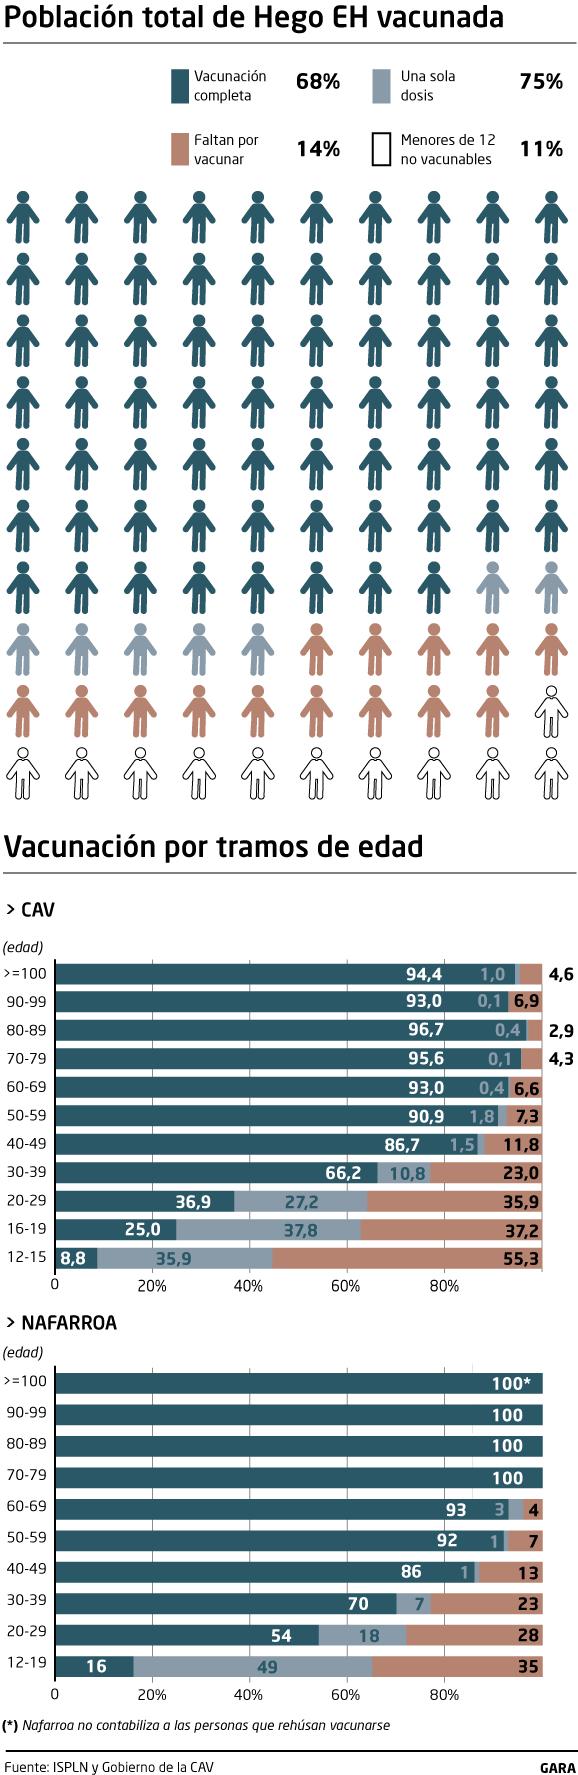 Virus y acciones sociales. Virus SARS-CoV-2 de la Covid 19. [3] - Página 29 0824_vacunacion-01